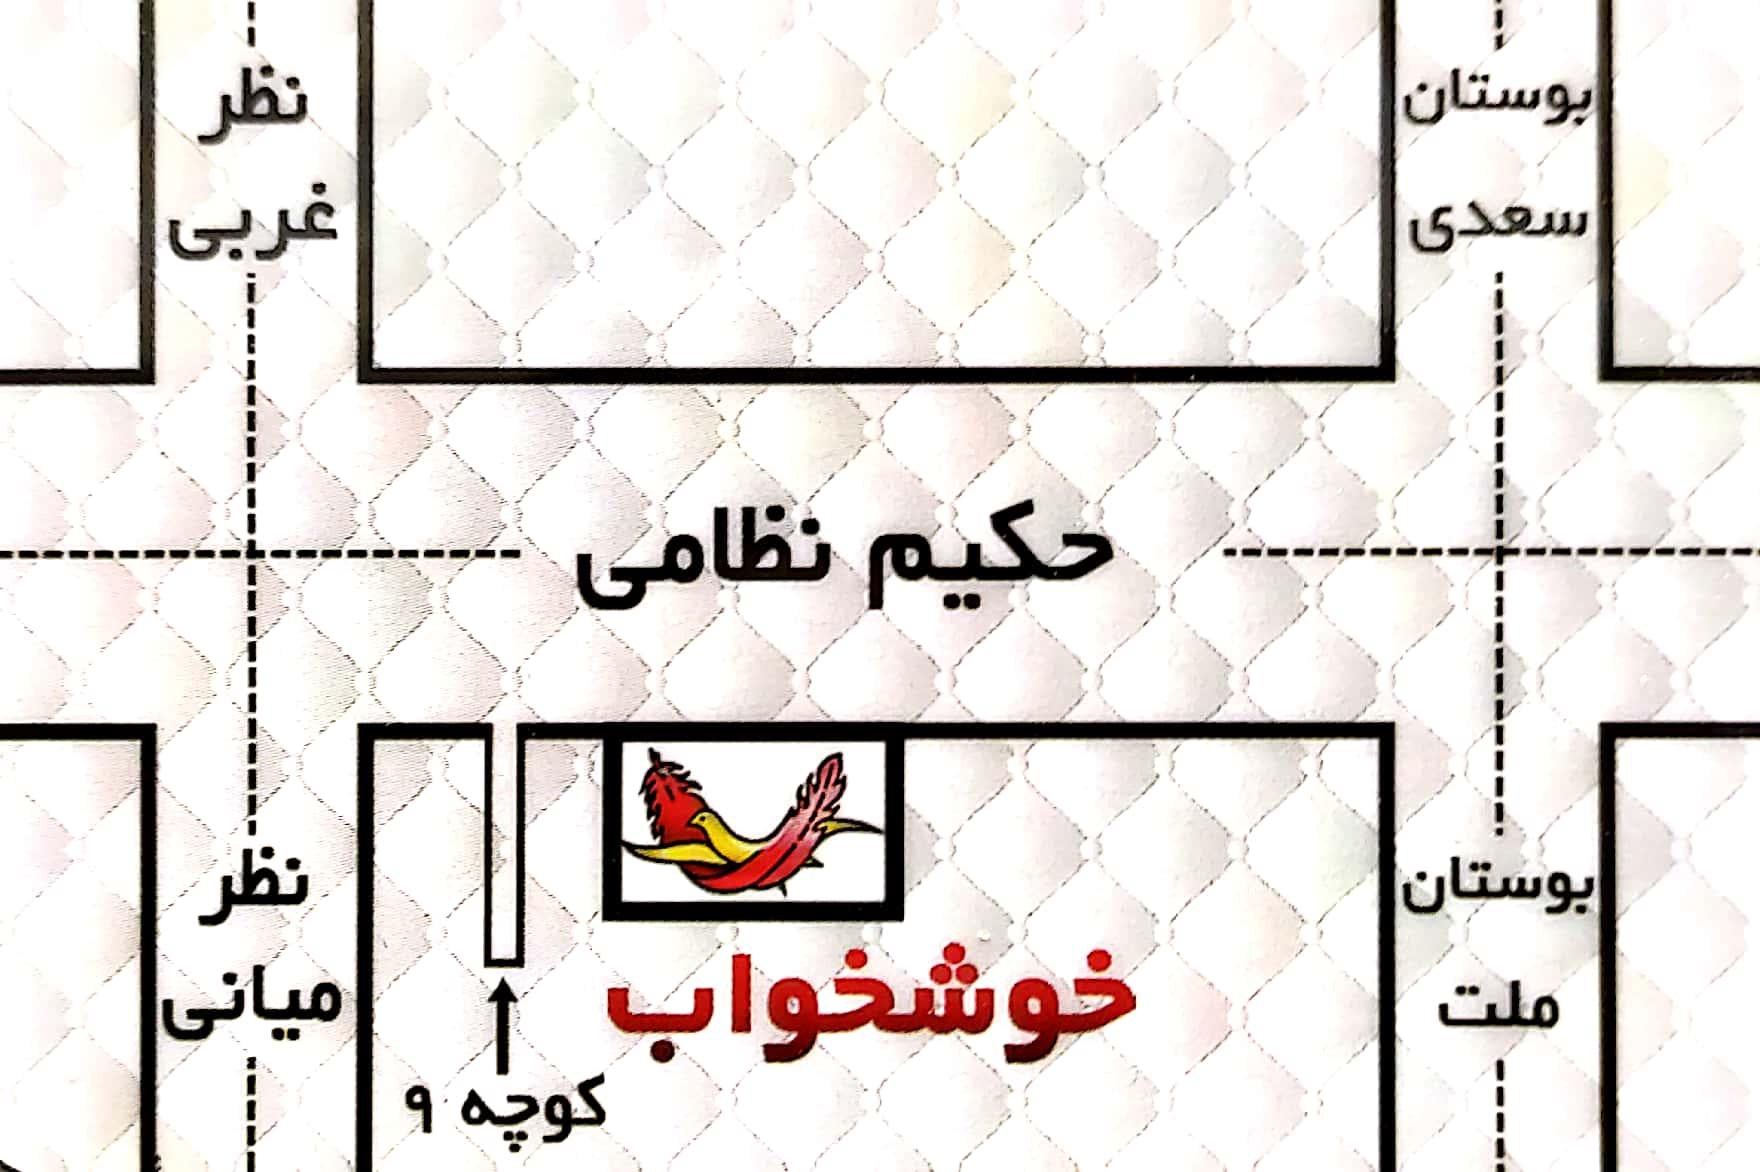 فروشگاه مرکزی تشک خوشخواب اصفهان